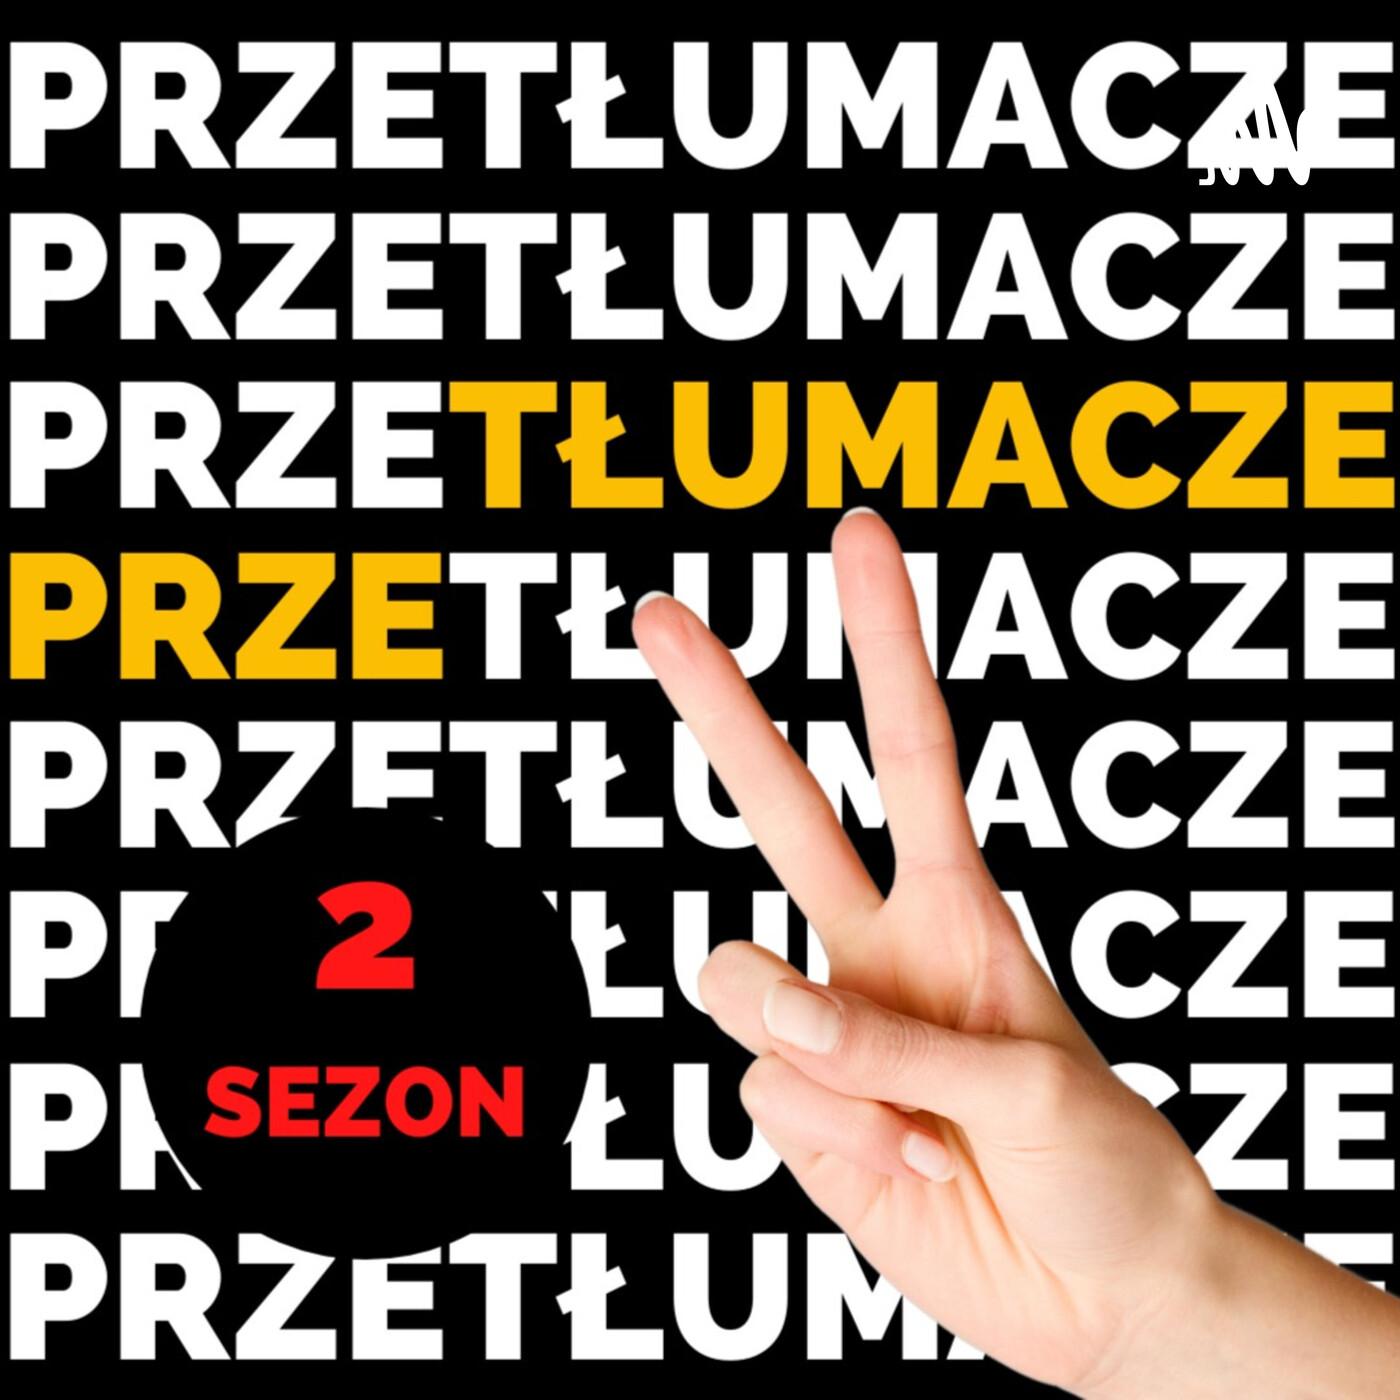 PRZEtłumacze - Jak włada językiem najszybszy raper w Polsce?